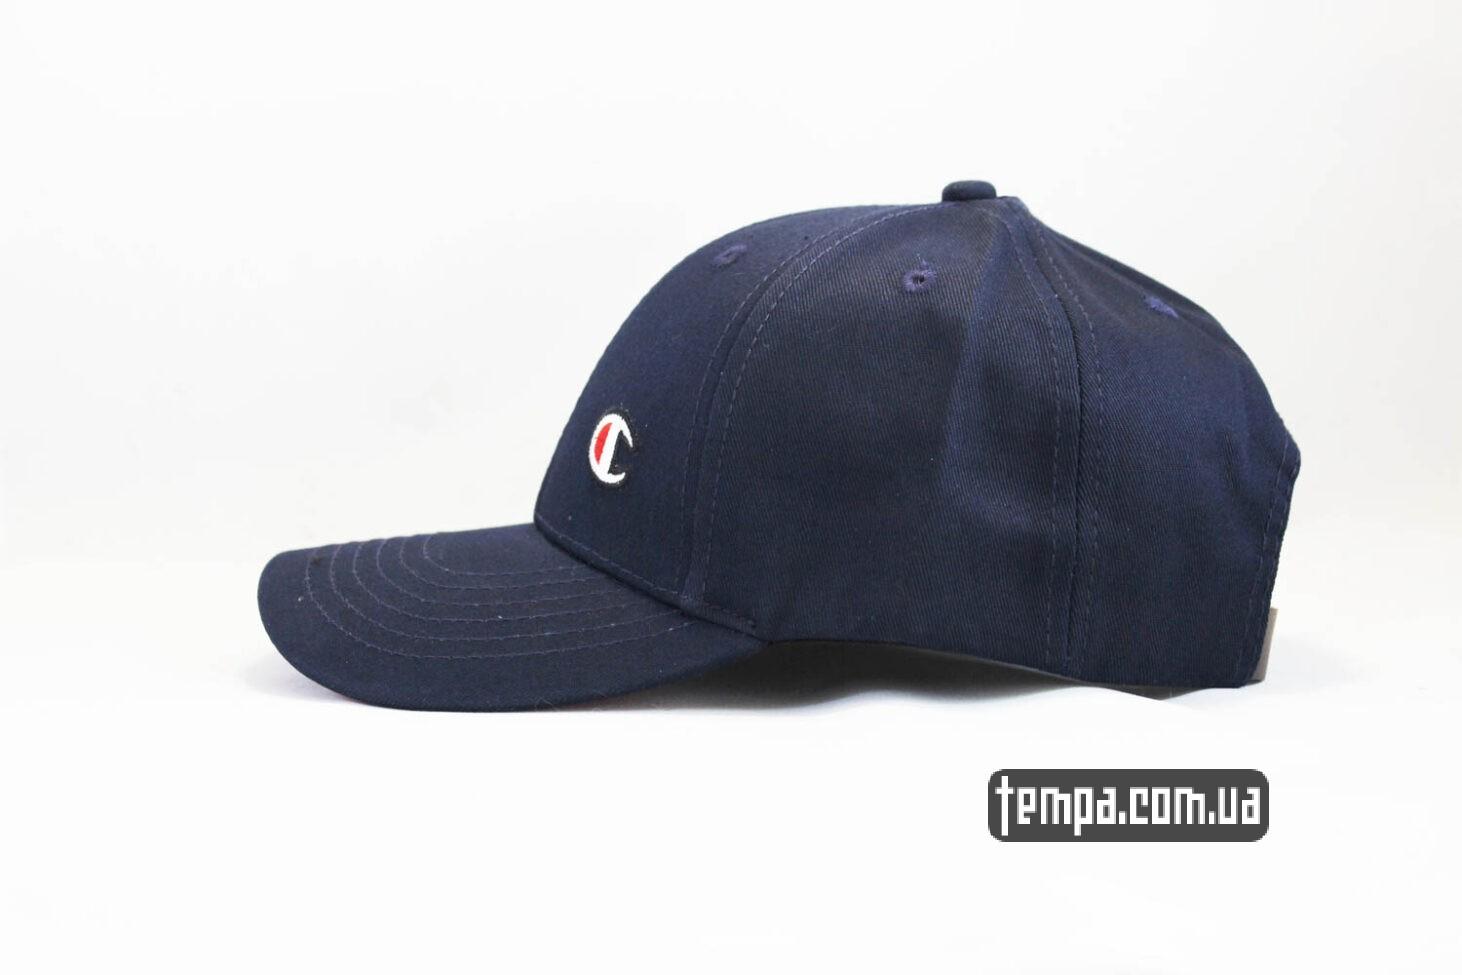 бейсболка кепка Champion snapback синяя с красны ободом-2